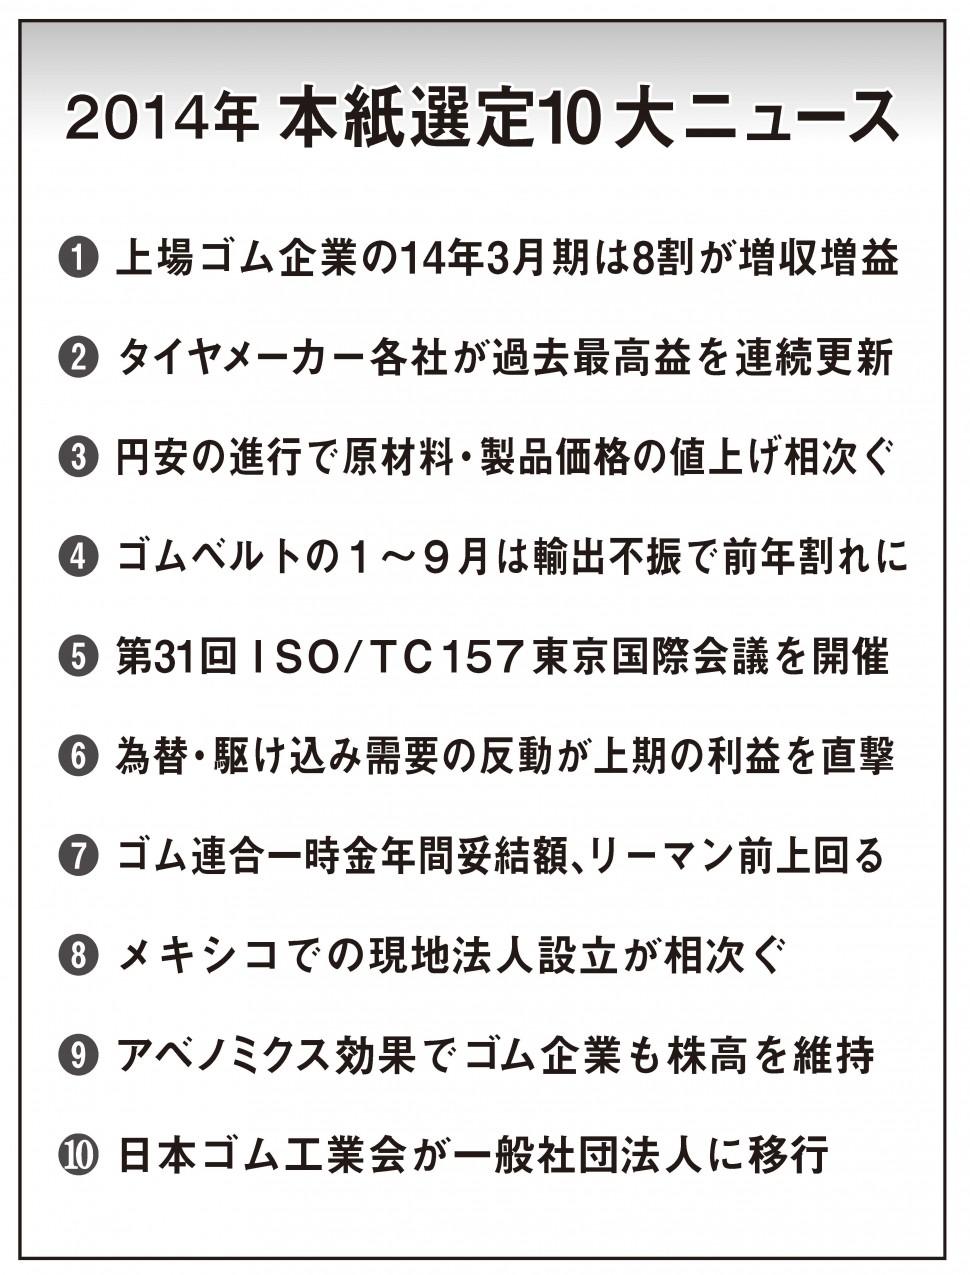 2014年本紙選定10大ニュース